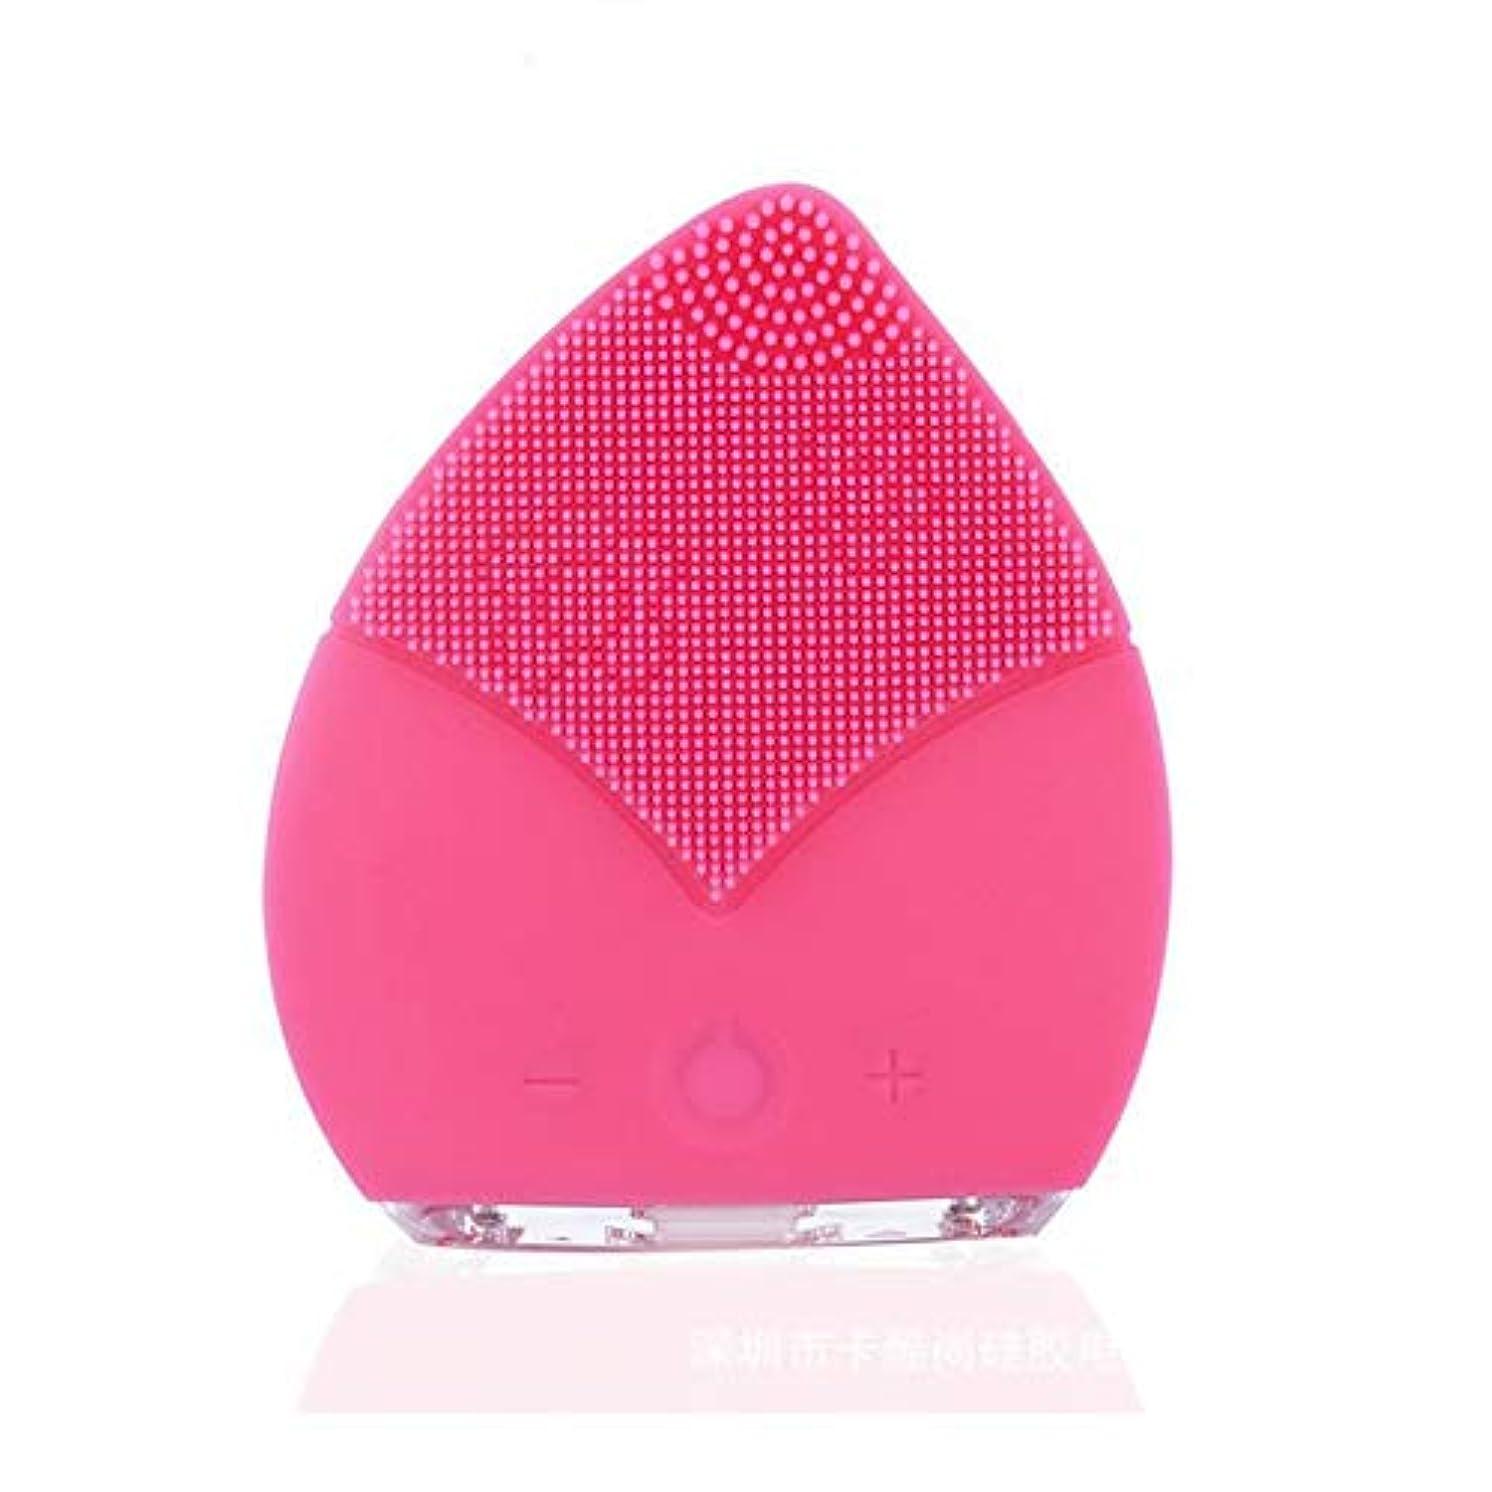 配る自治肝ZXF コンパクトポータブルクリーニングポアクレンジング楽器電気シリコーンダブル振動クレンジングブラシ超音波防水ミュート美容機器 滑らかである (色 : Pink)